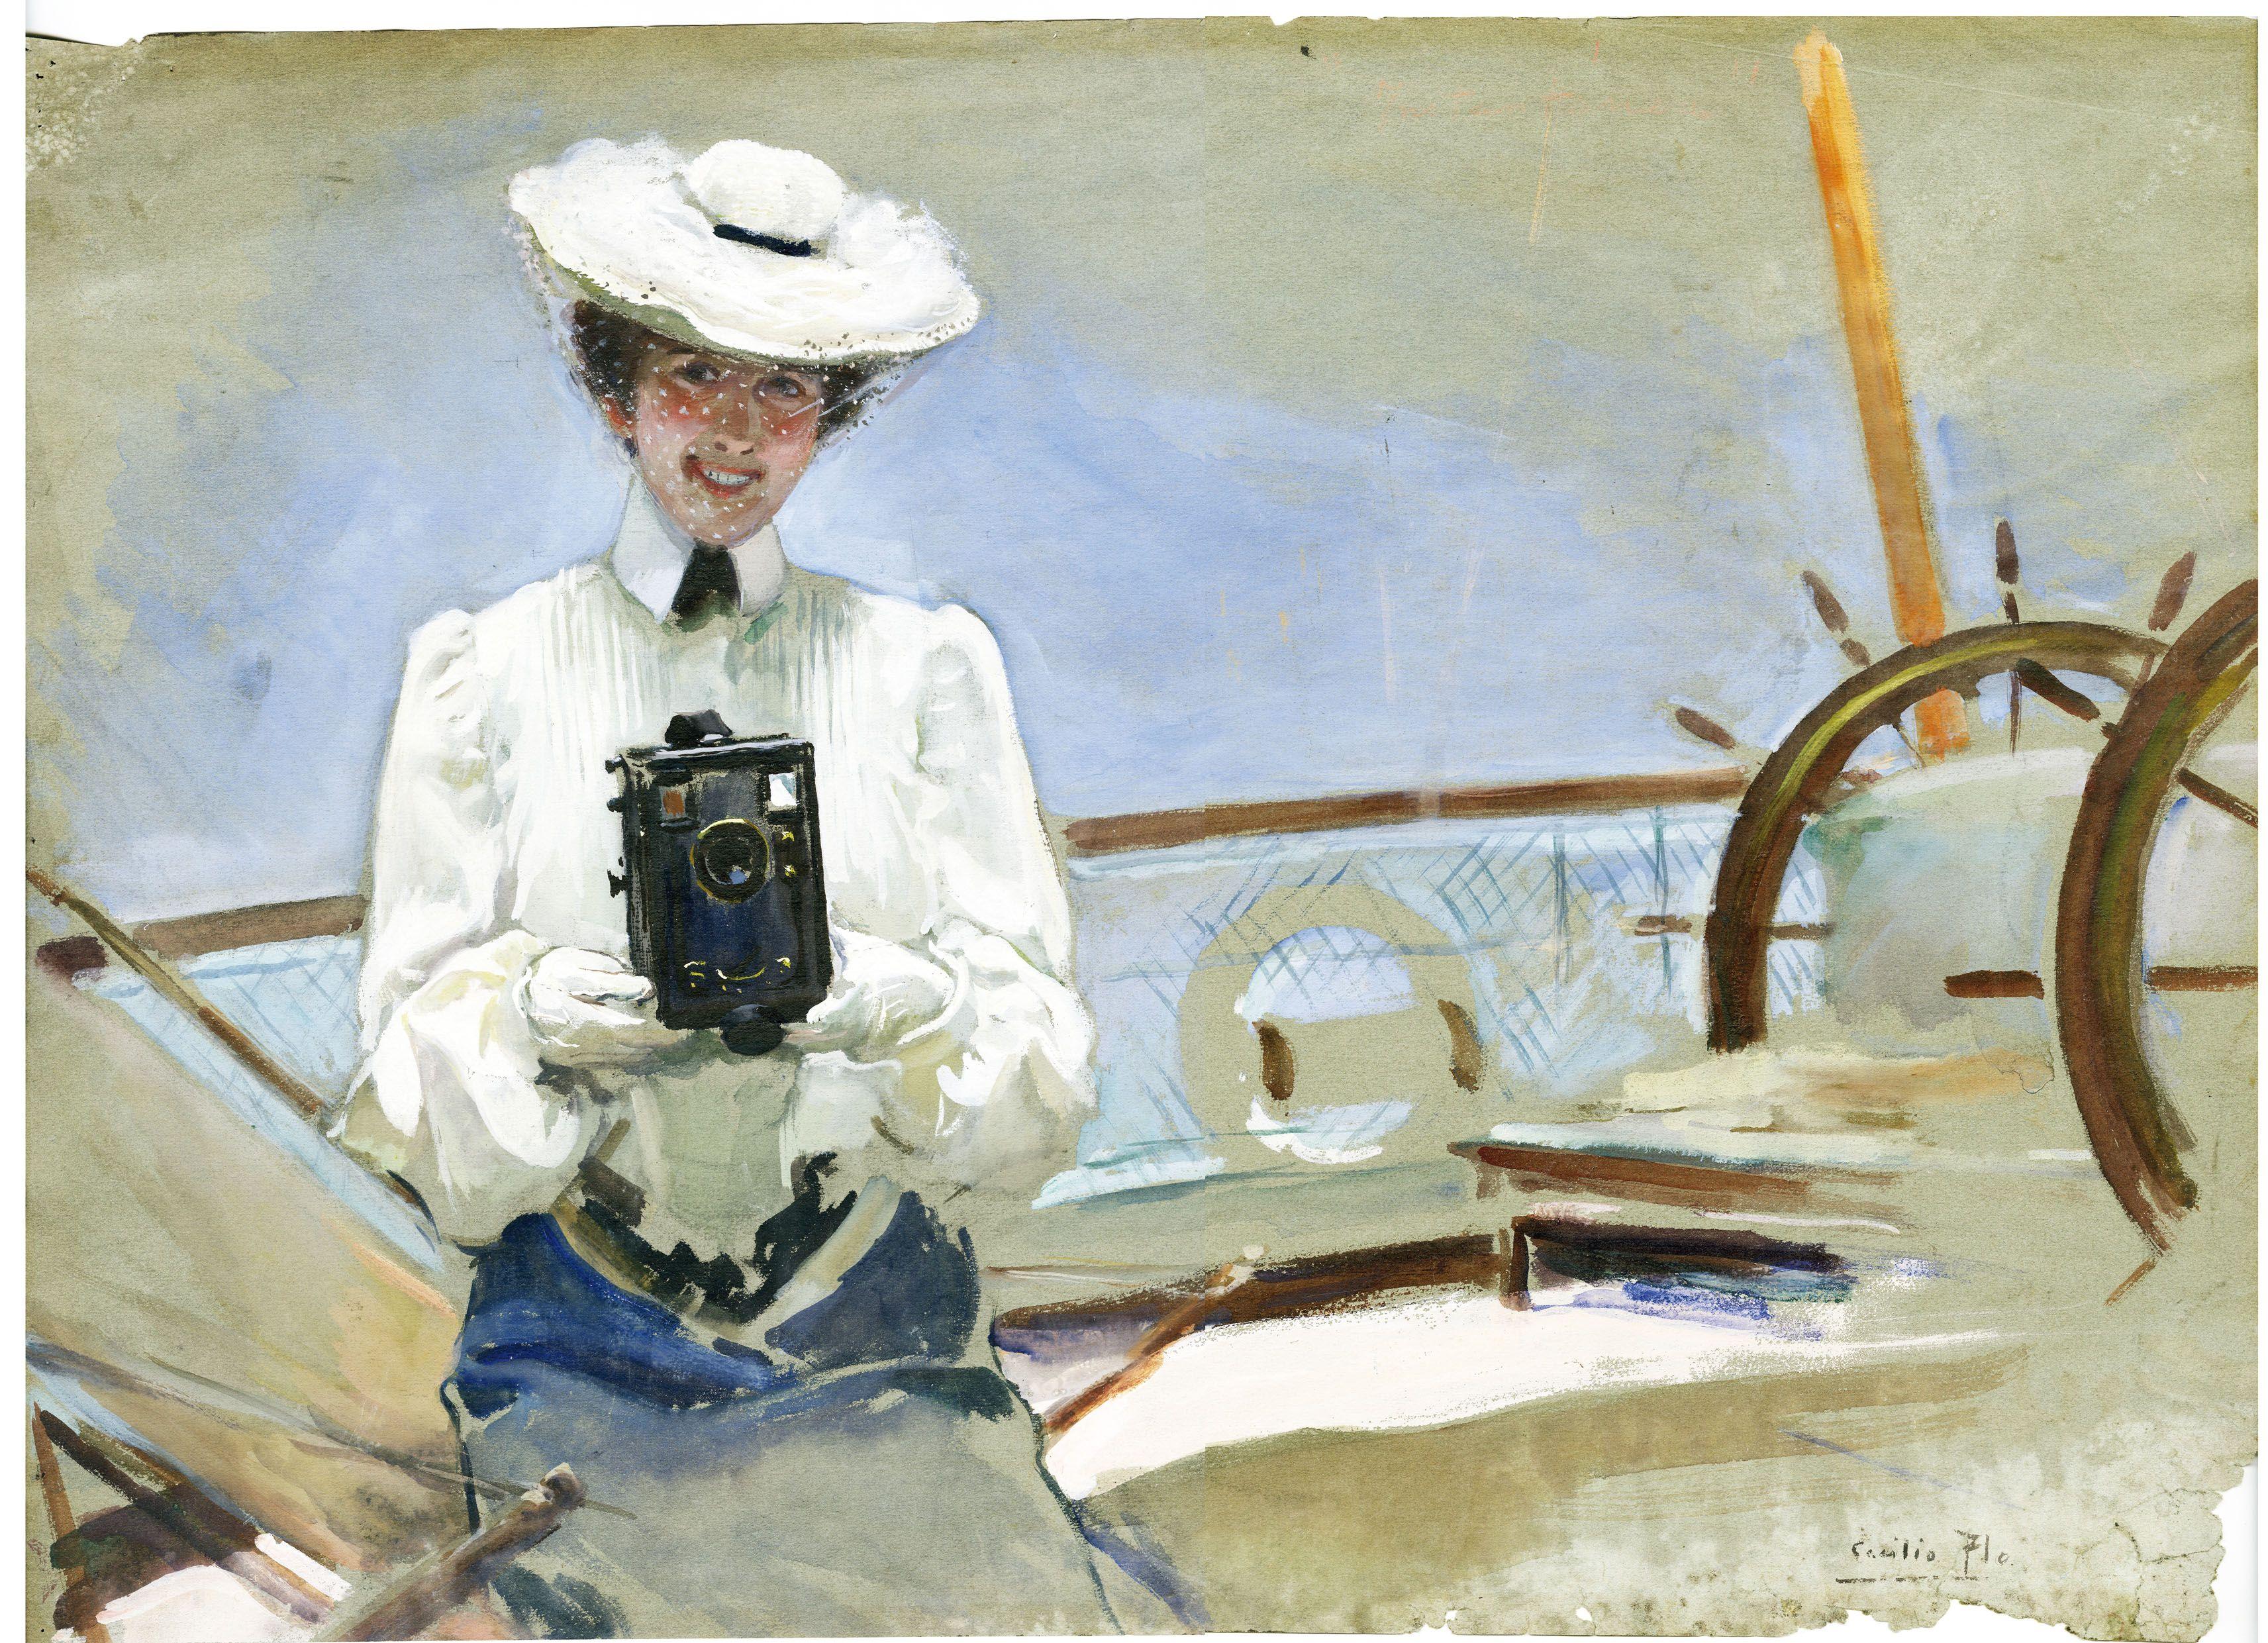 Cecilio Pla, 1903